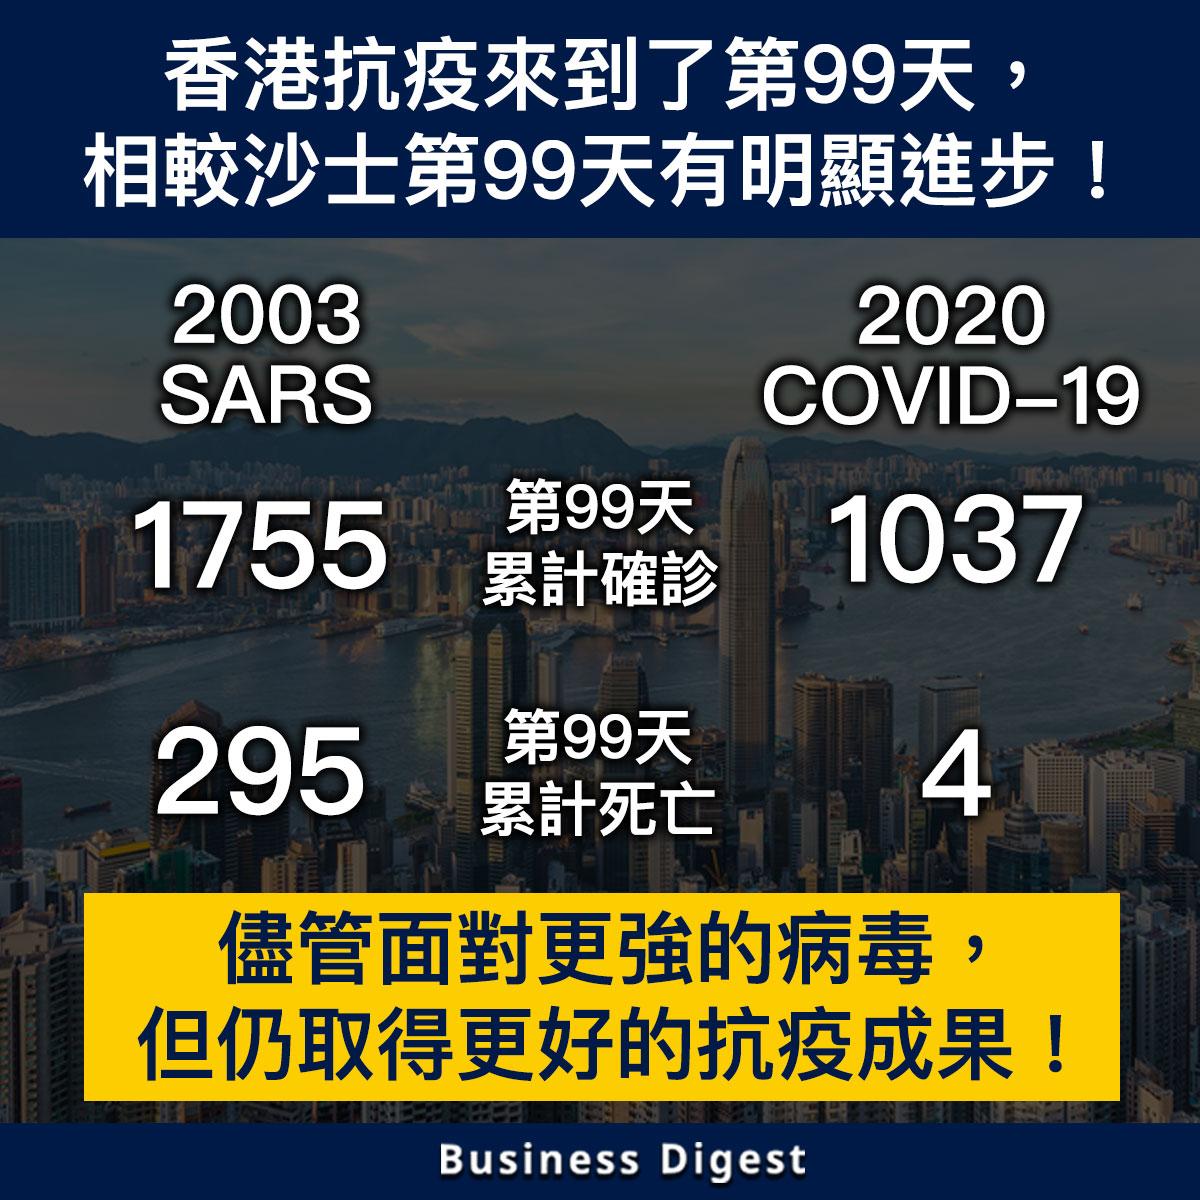 【從數據認識疫情】香港抗疫來到了第99天,相較沙士第99天有明顯進步!